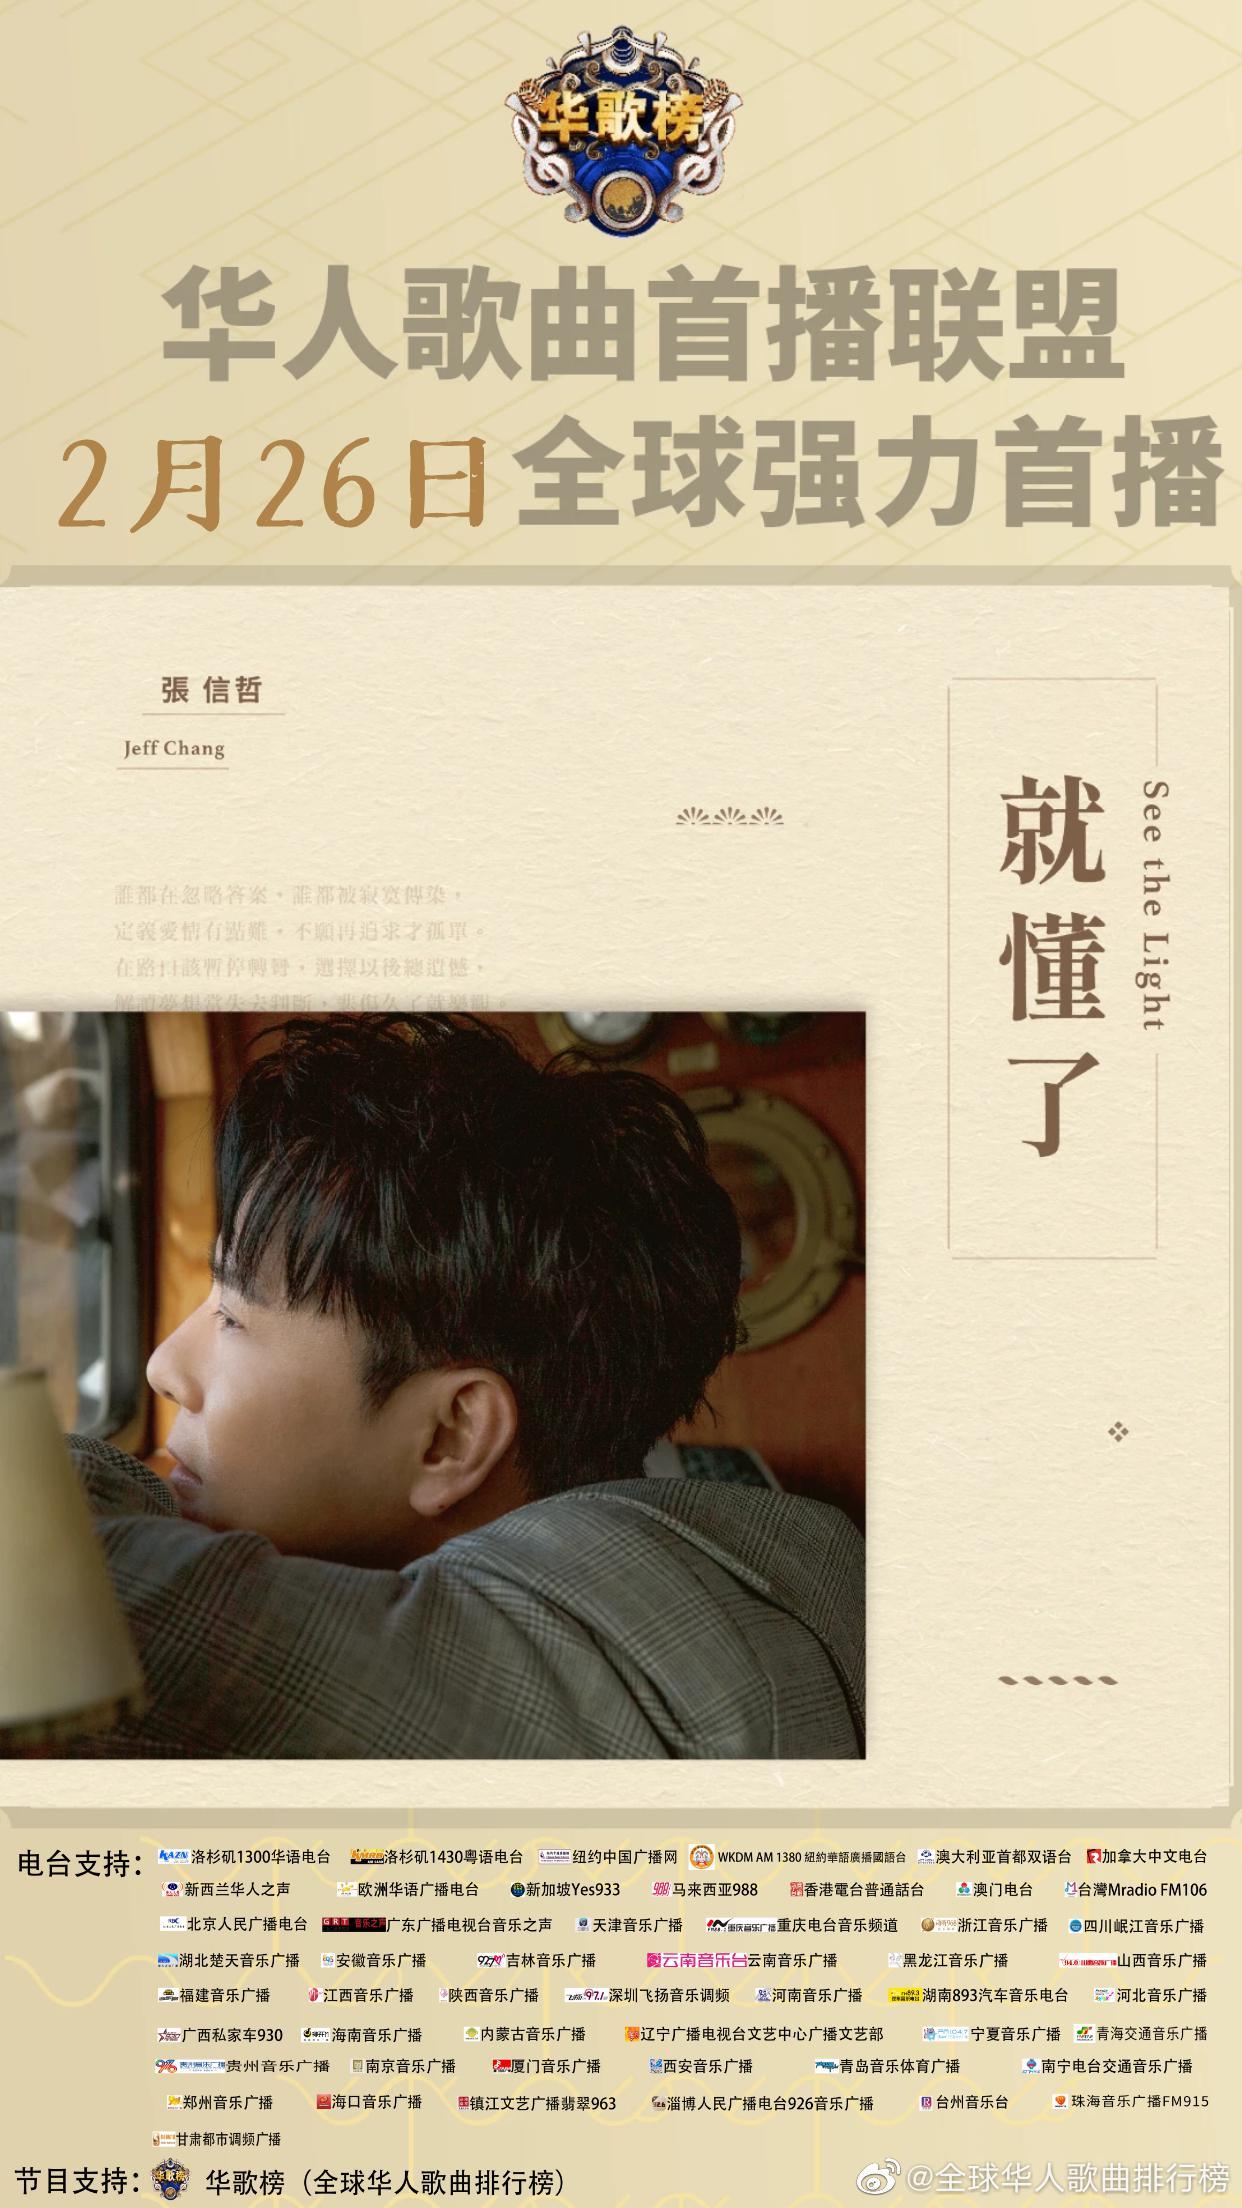 全球强力首播 @張信哲JeffChang 最新专辑同名《就懂了》